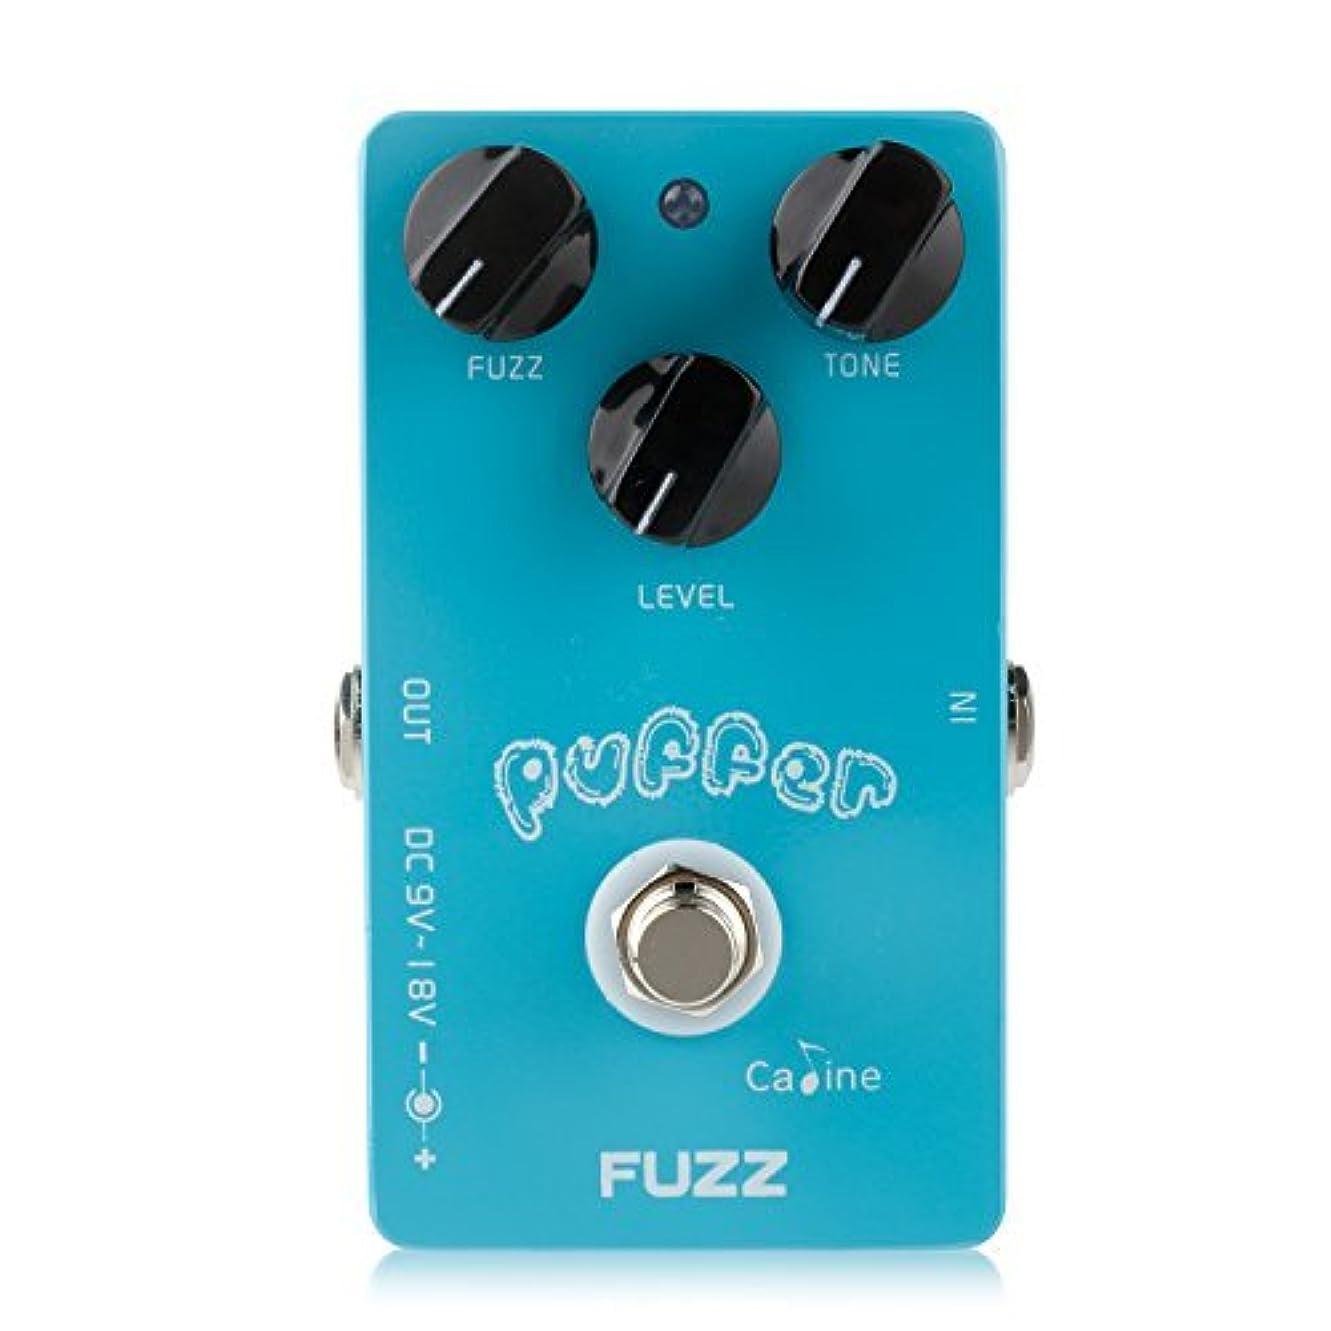 同意するスクラップブックかもしれないCaline Electric Puffer Fuzz Effects Guitar Pedal with Alumium Alloy Housing True Bypass CP-11 [並行輸入品]